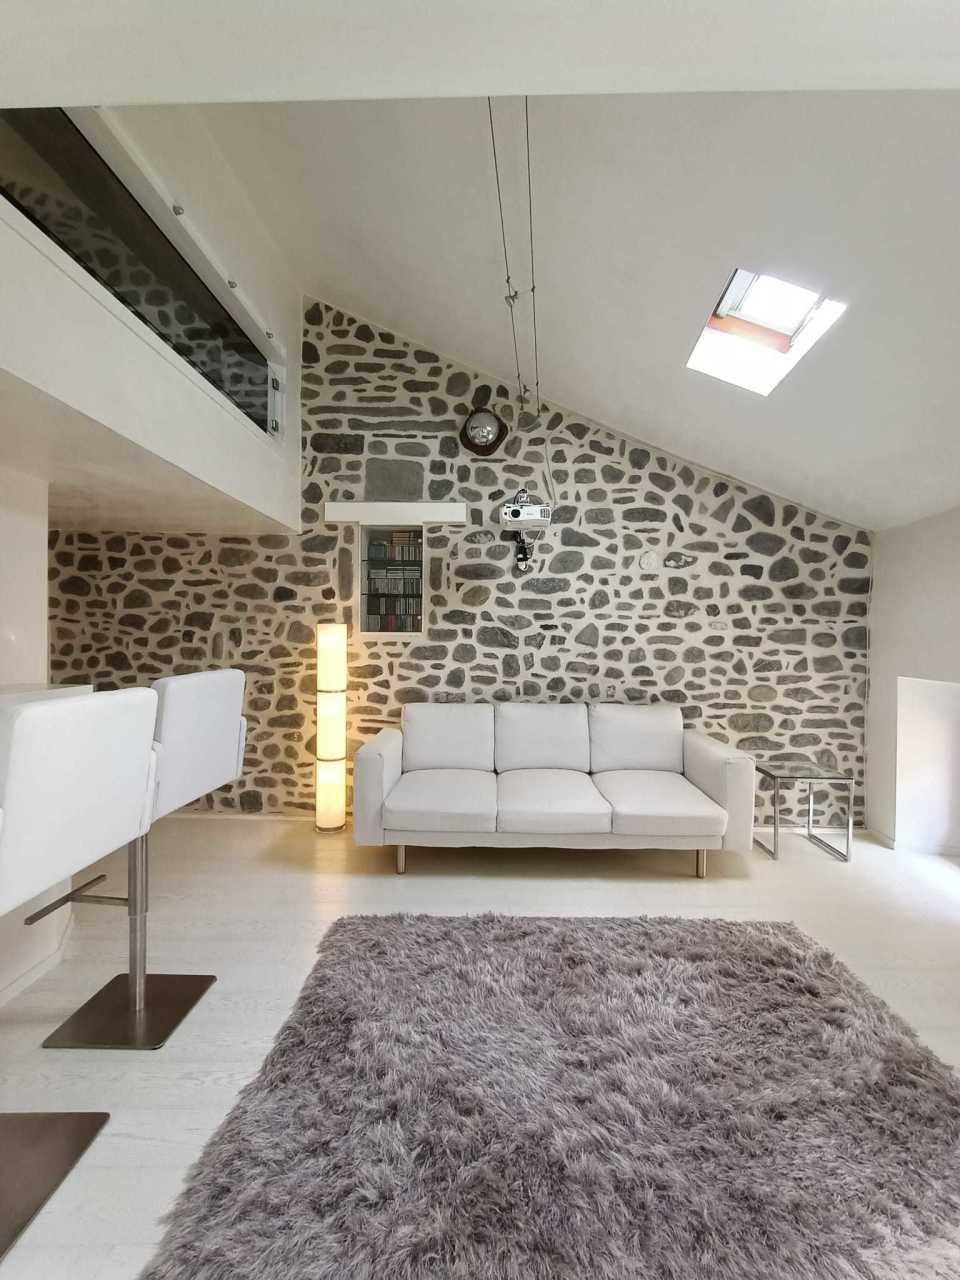 Attico / Mansarda in vendita a Pontremoli, 4 locali, prezzo € 198.000 | PortaleAgenzieImmobiliari.it